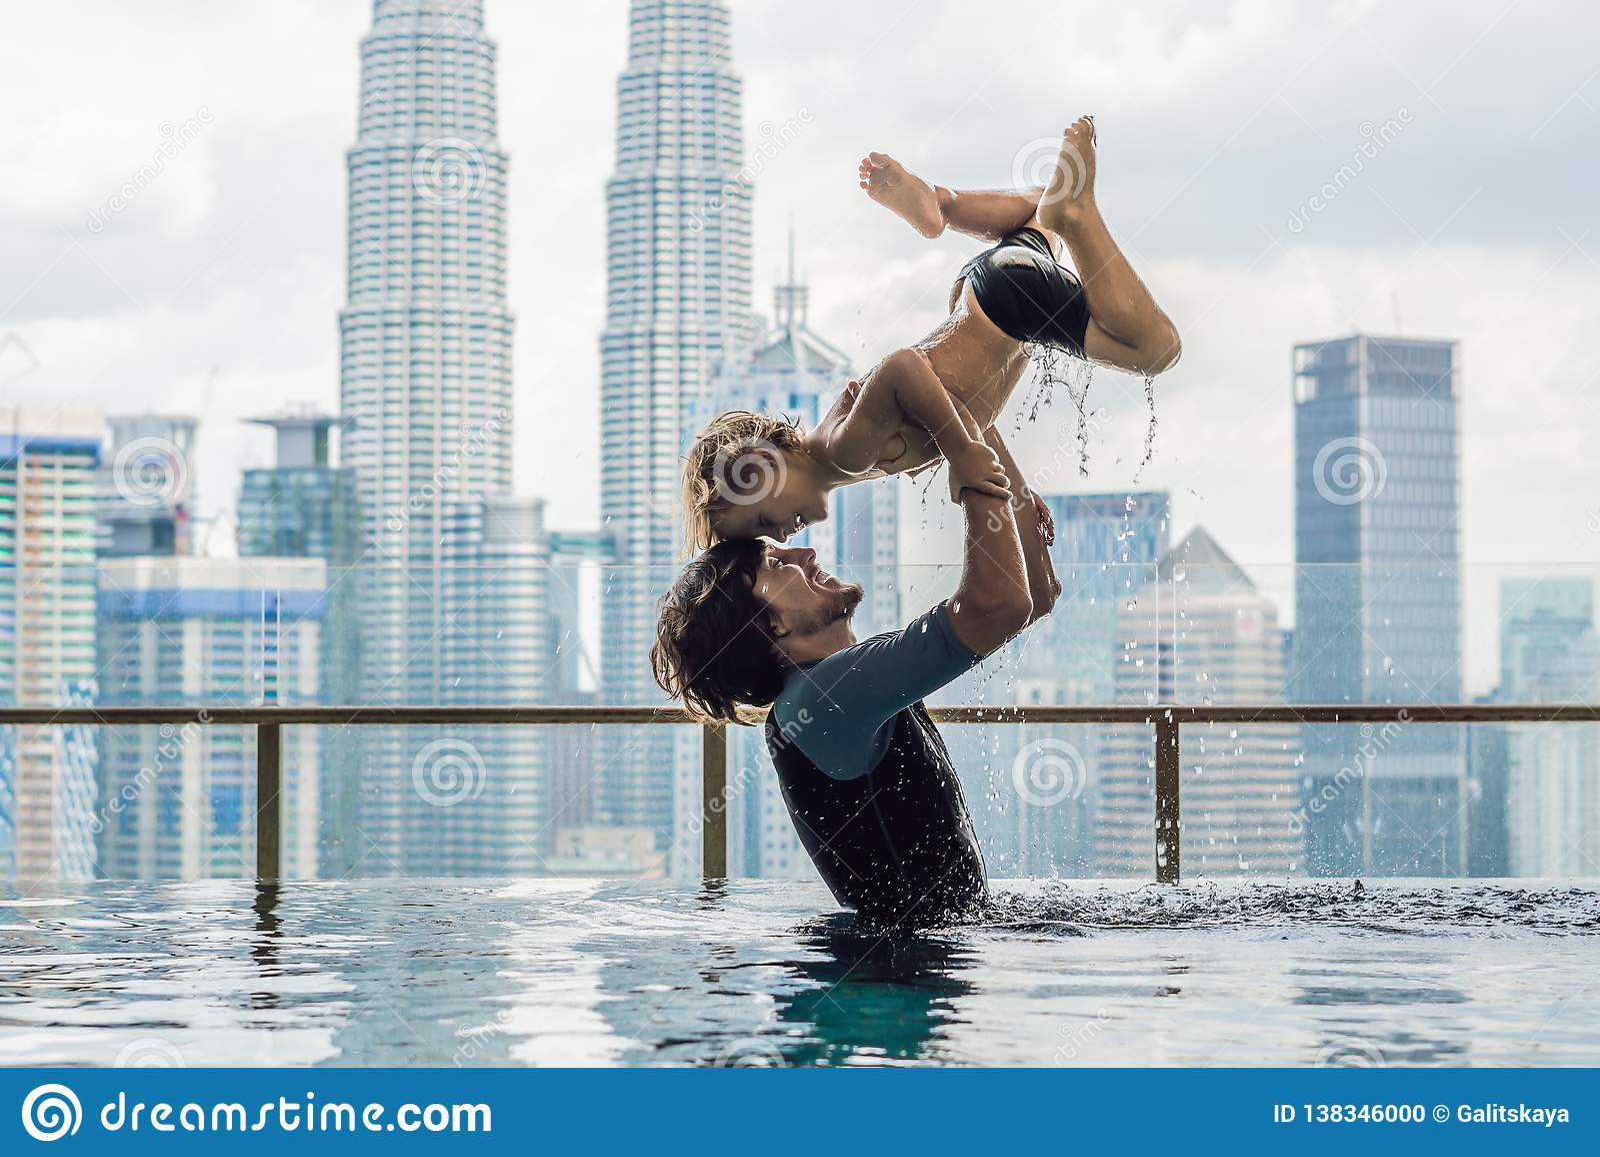 Vater und Sohn Swimmingpool im im Freien mit Stadtansicht in blauen Himmel